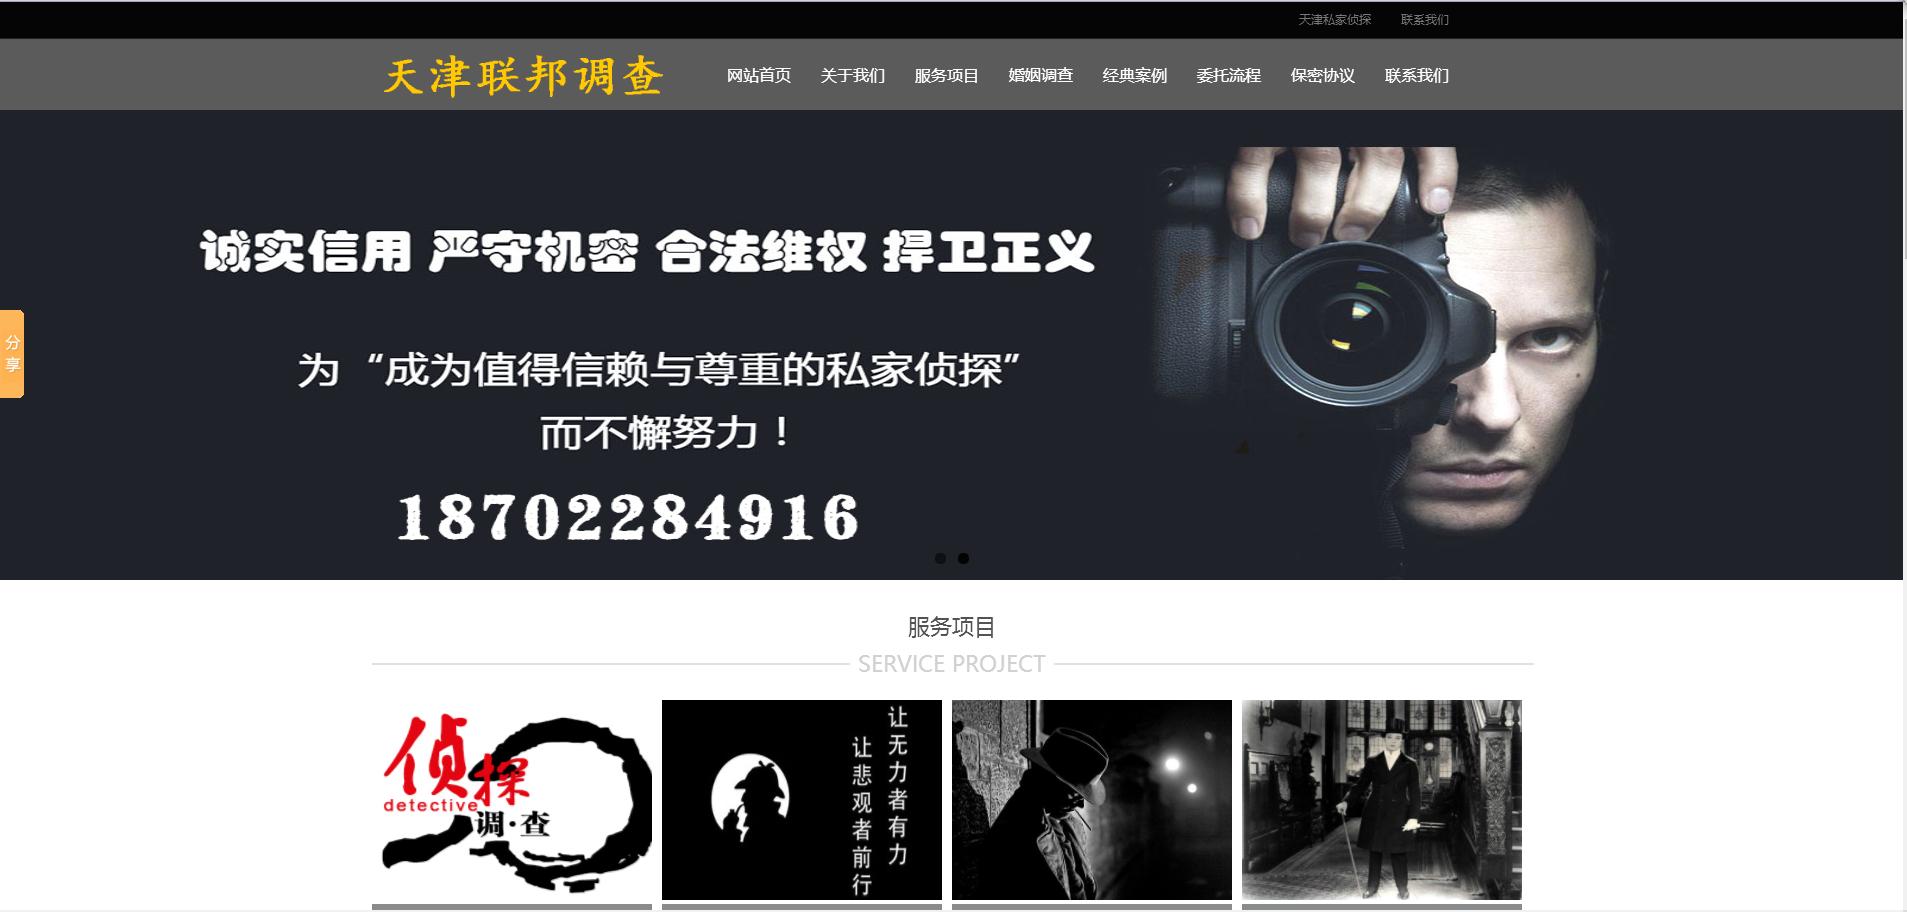 天津联邦商务调查公司网站建设成功案例